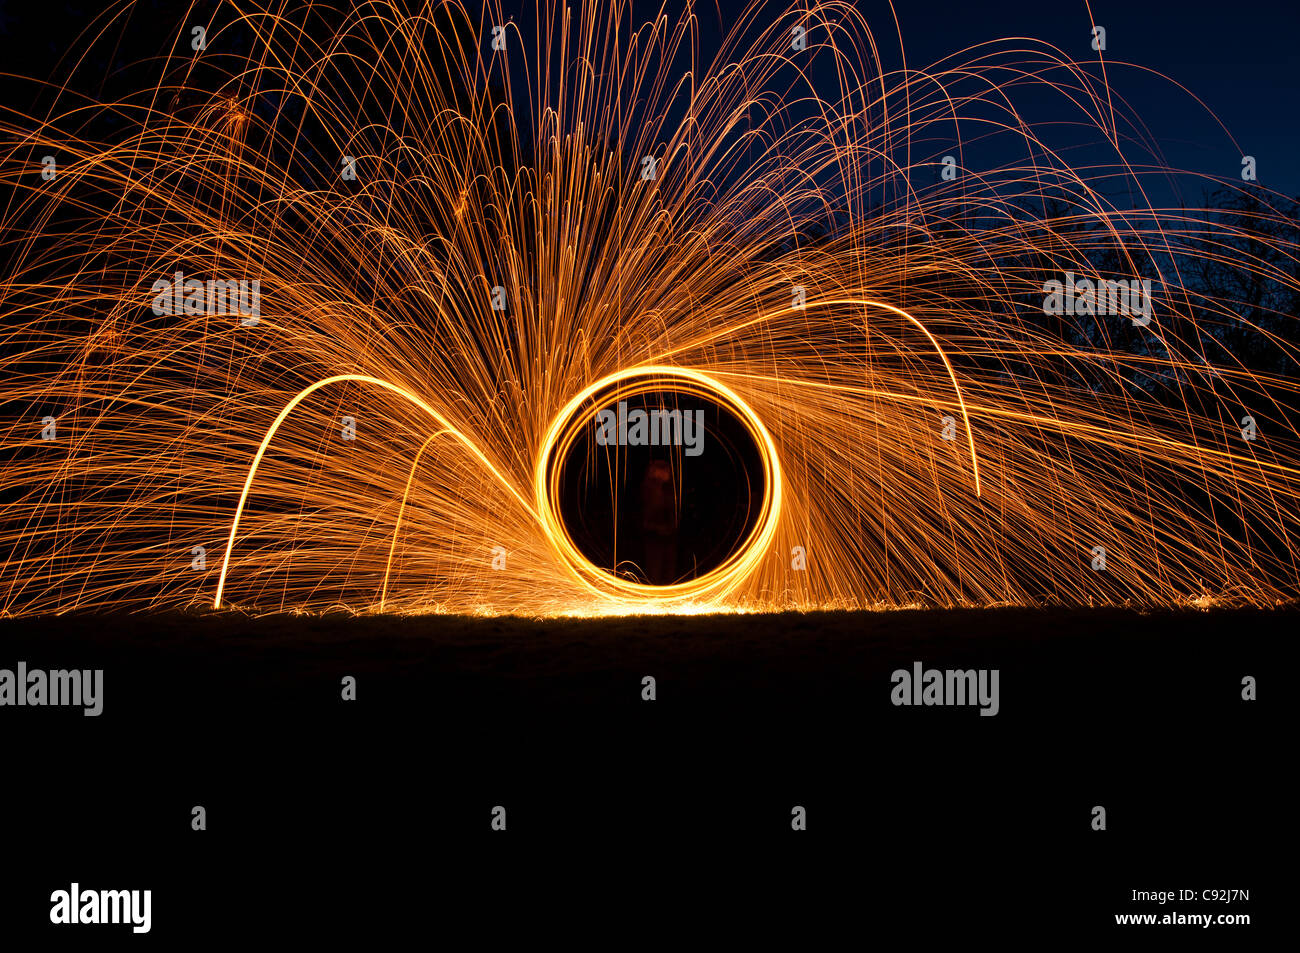 Hilado de lana de acero, creando hermosas vetas circular de luz dorada de la quema de lana de alambre dentro de un batidor conectado al cable o cuerda. Foto de stock